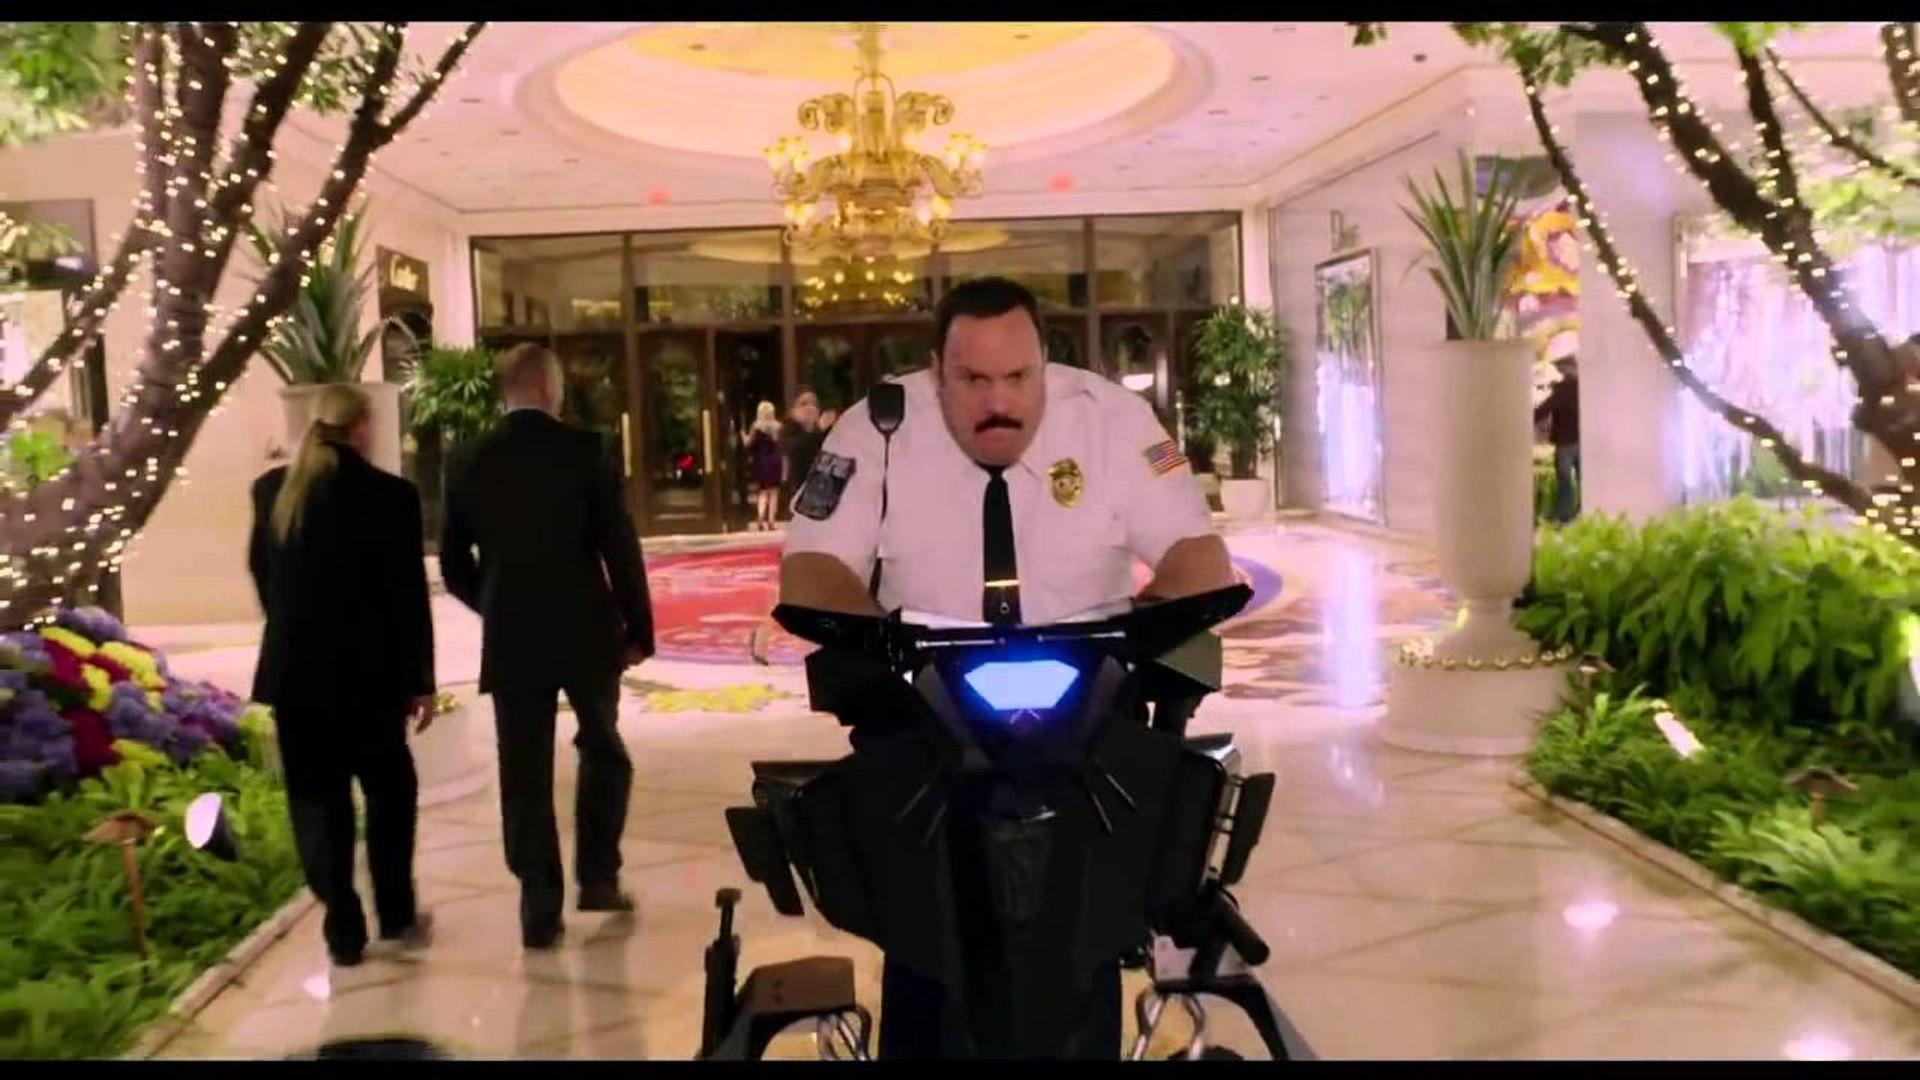 Paul Blart: Mall Cop 2 in HD 1080p, Watch Paul Blart: Mall Cop 2 in HD, Watch Paul Blart: Mall Cop 2